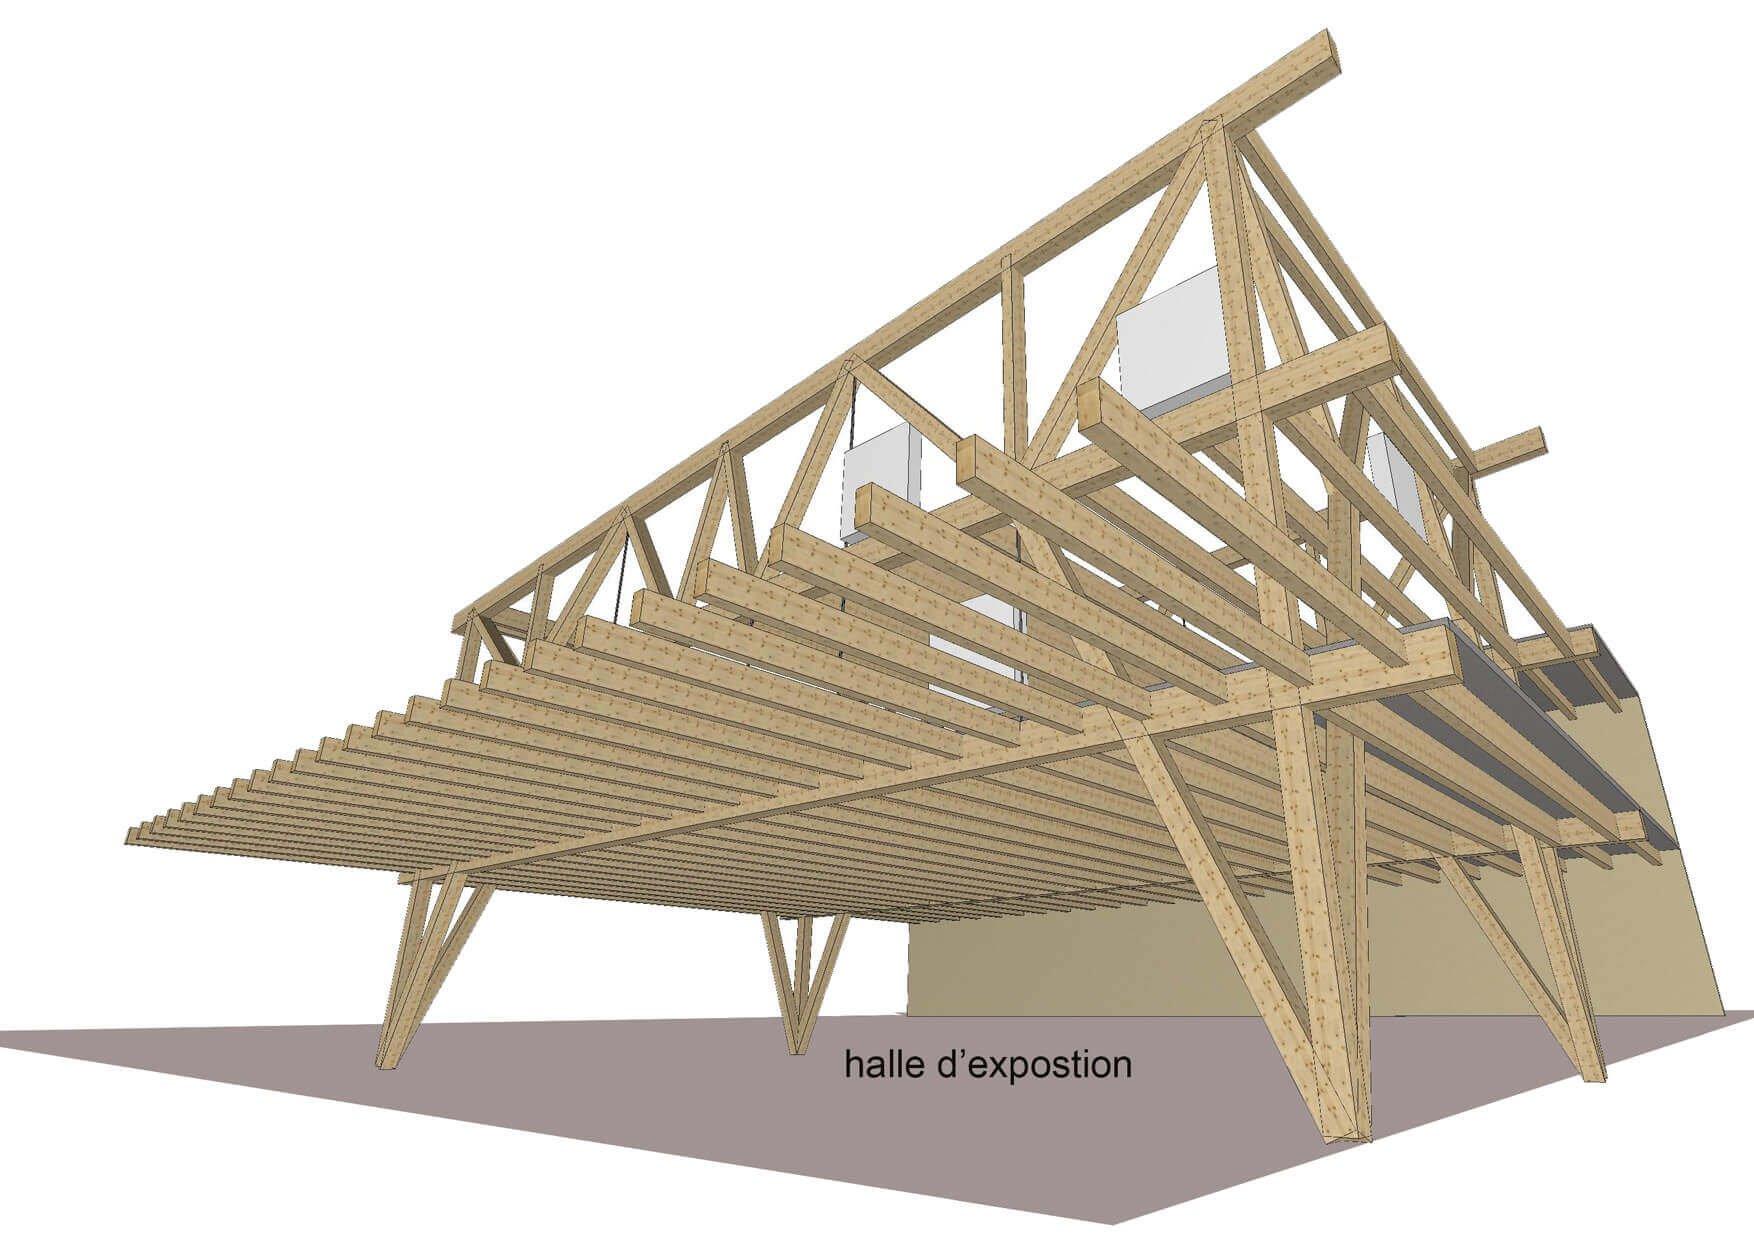 03-vue principe halle - 4 poteaux dans l'espace exposition sur cour